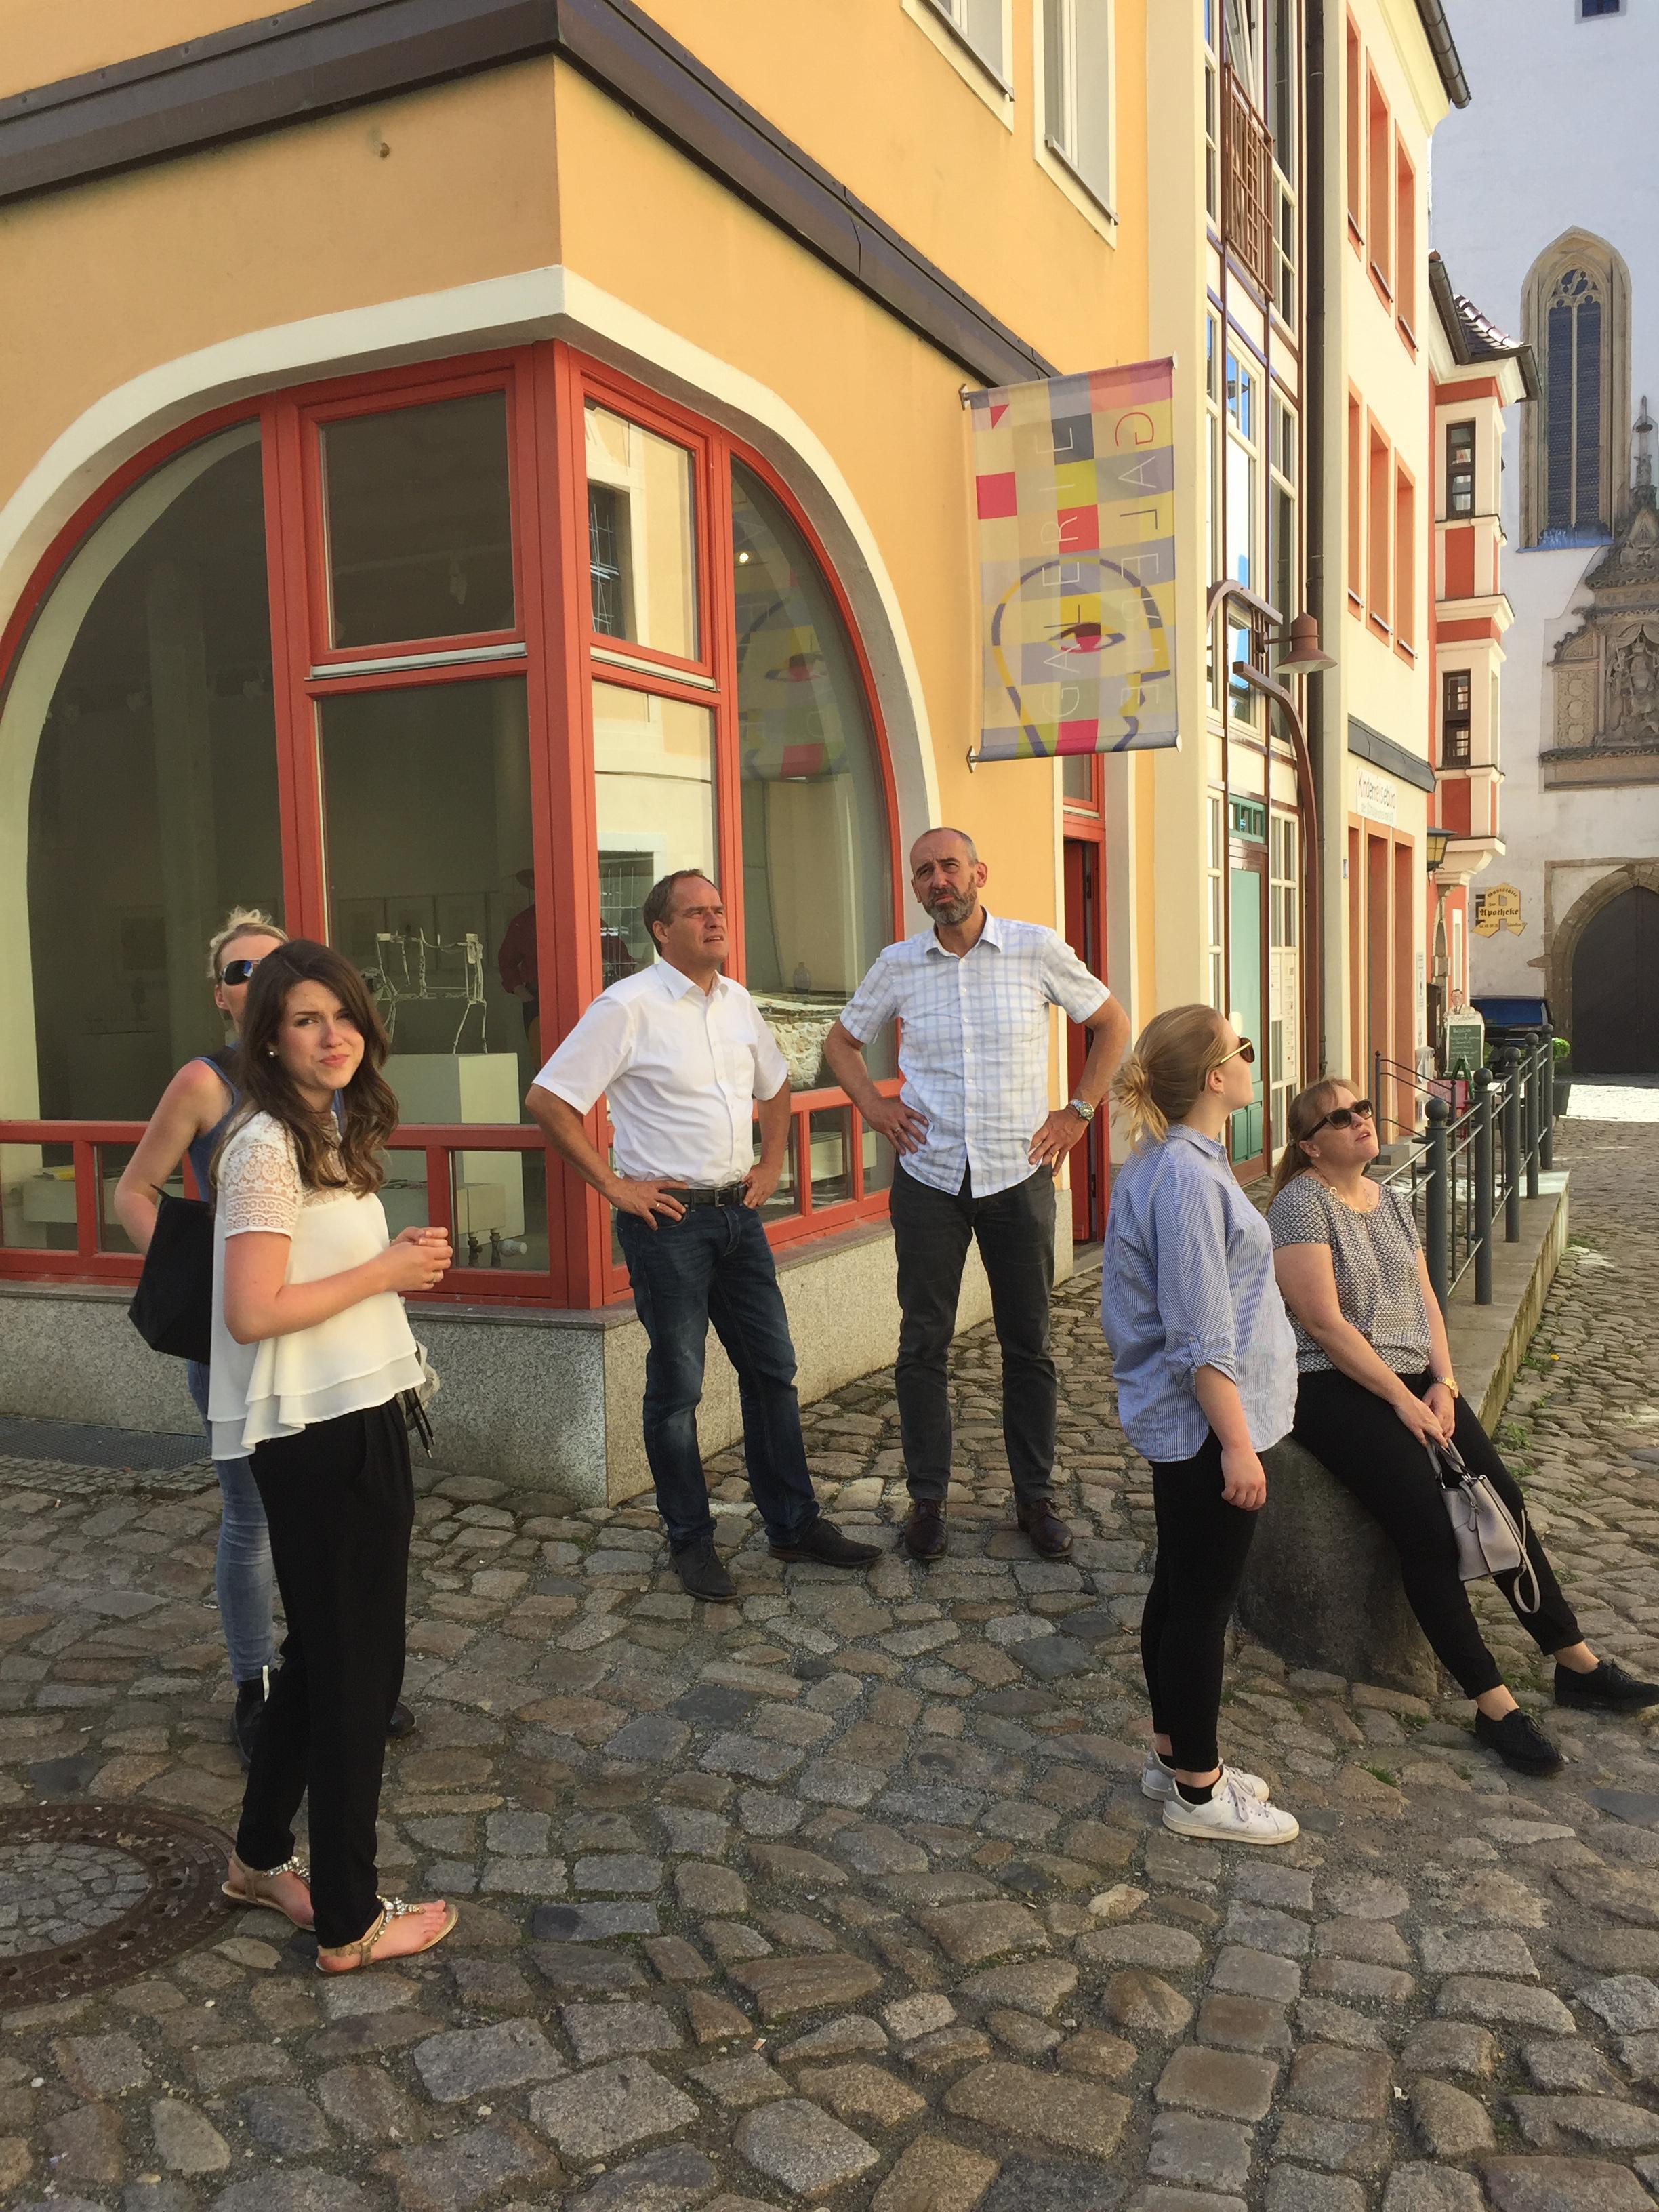 Oberbürgermeister Alexander Ahrens (3.v.r.) führte Oberbürgermeister Prof. Dr. Eckart Würzner (3.v.l.) und die Heidelberger Delegation durch die sanierte Altstadt in Bautzen. Stadt Heidelberg